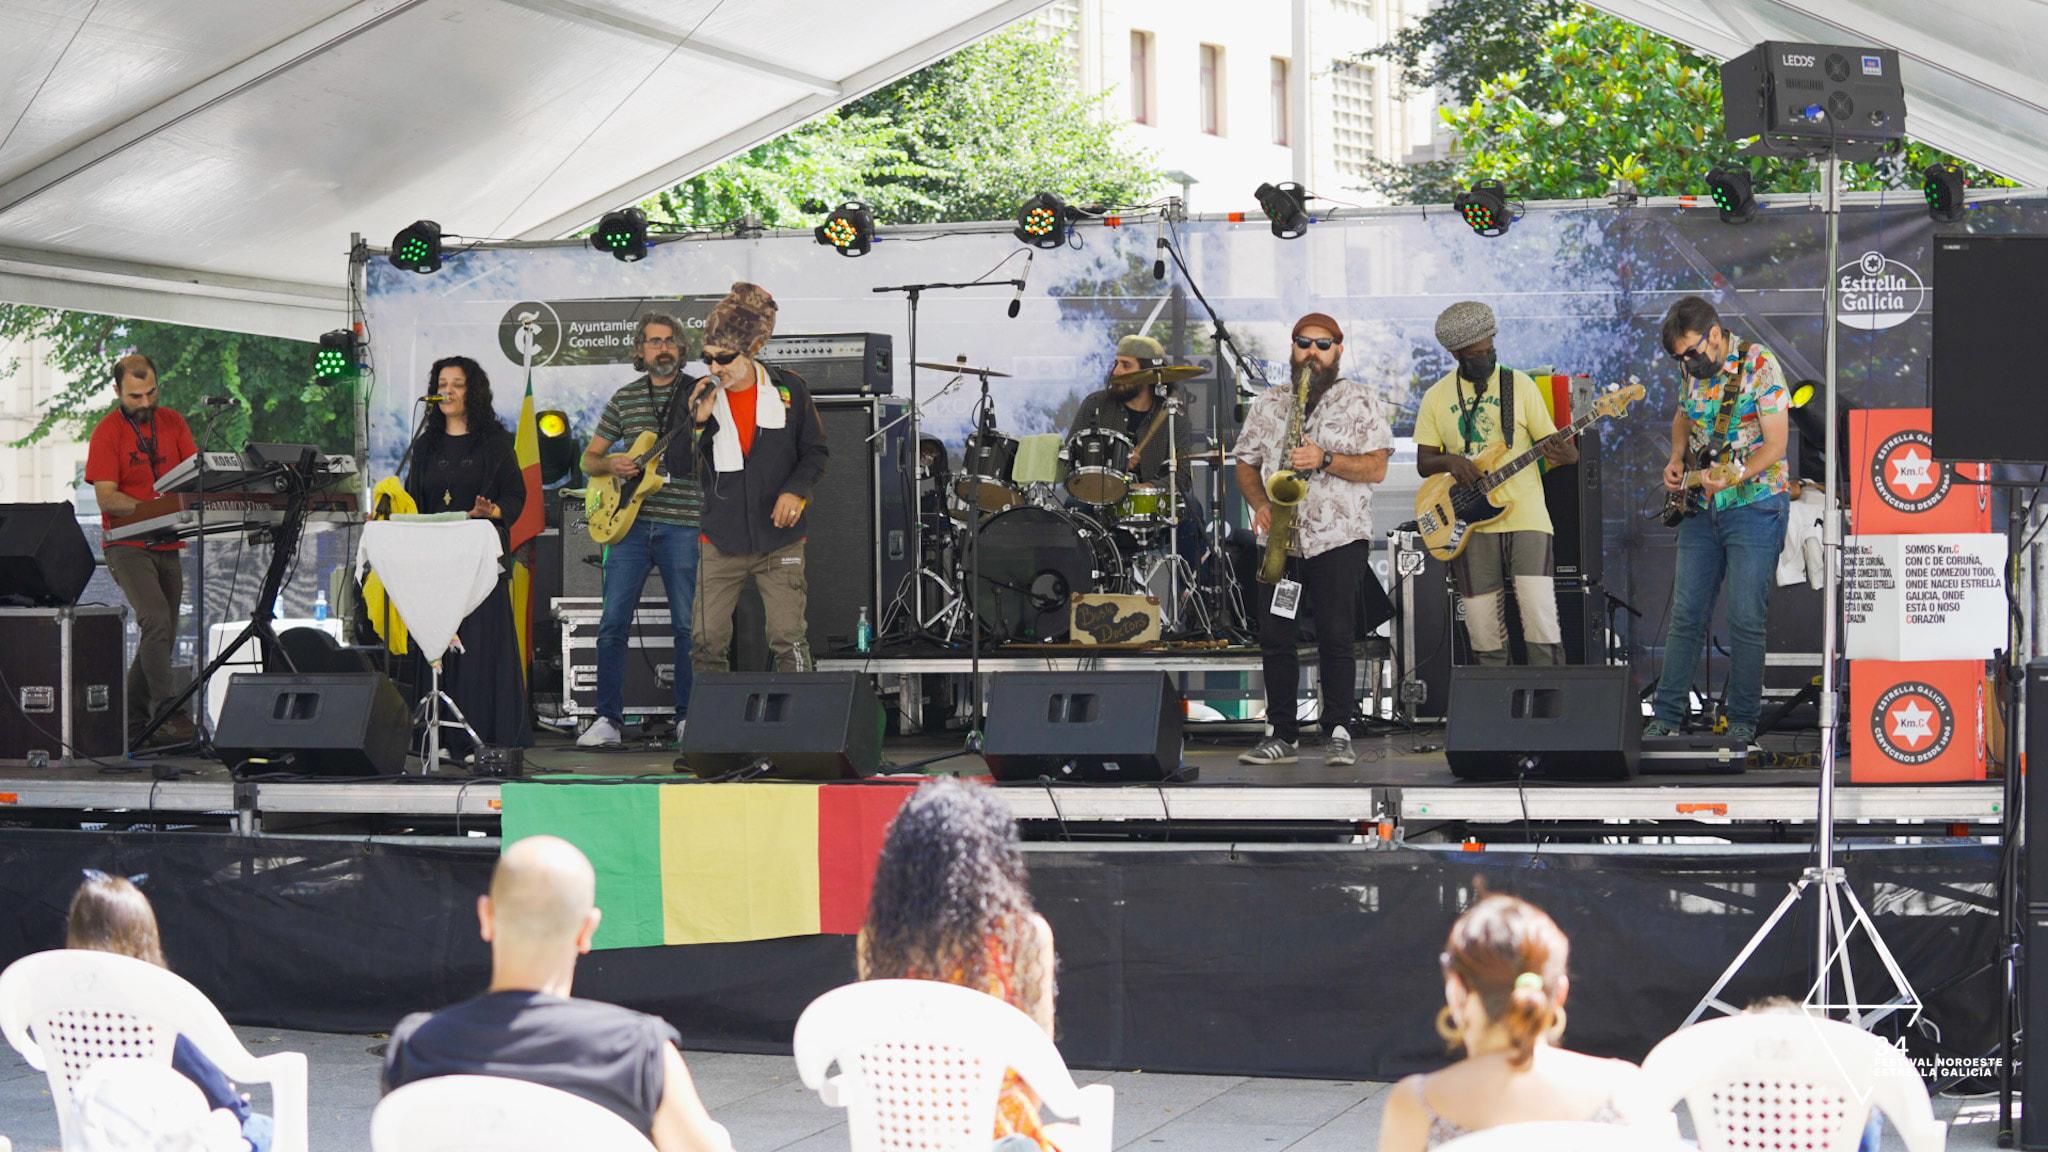 Reggae inclusivo en la útima jornada del Noroeste de la mano de Bush Doctors gracias a ACOPROS